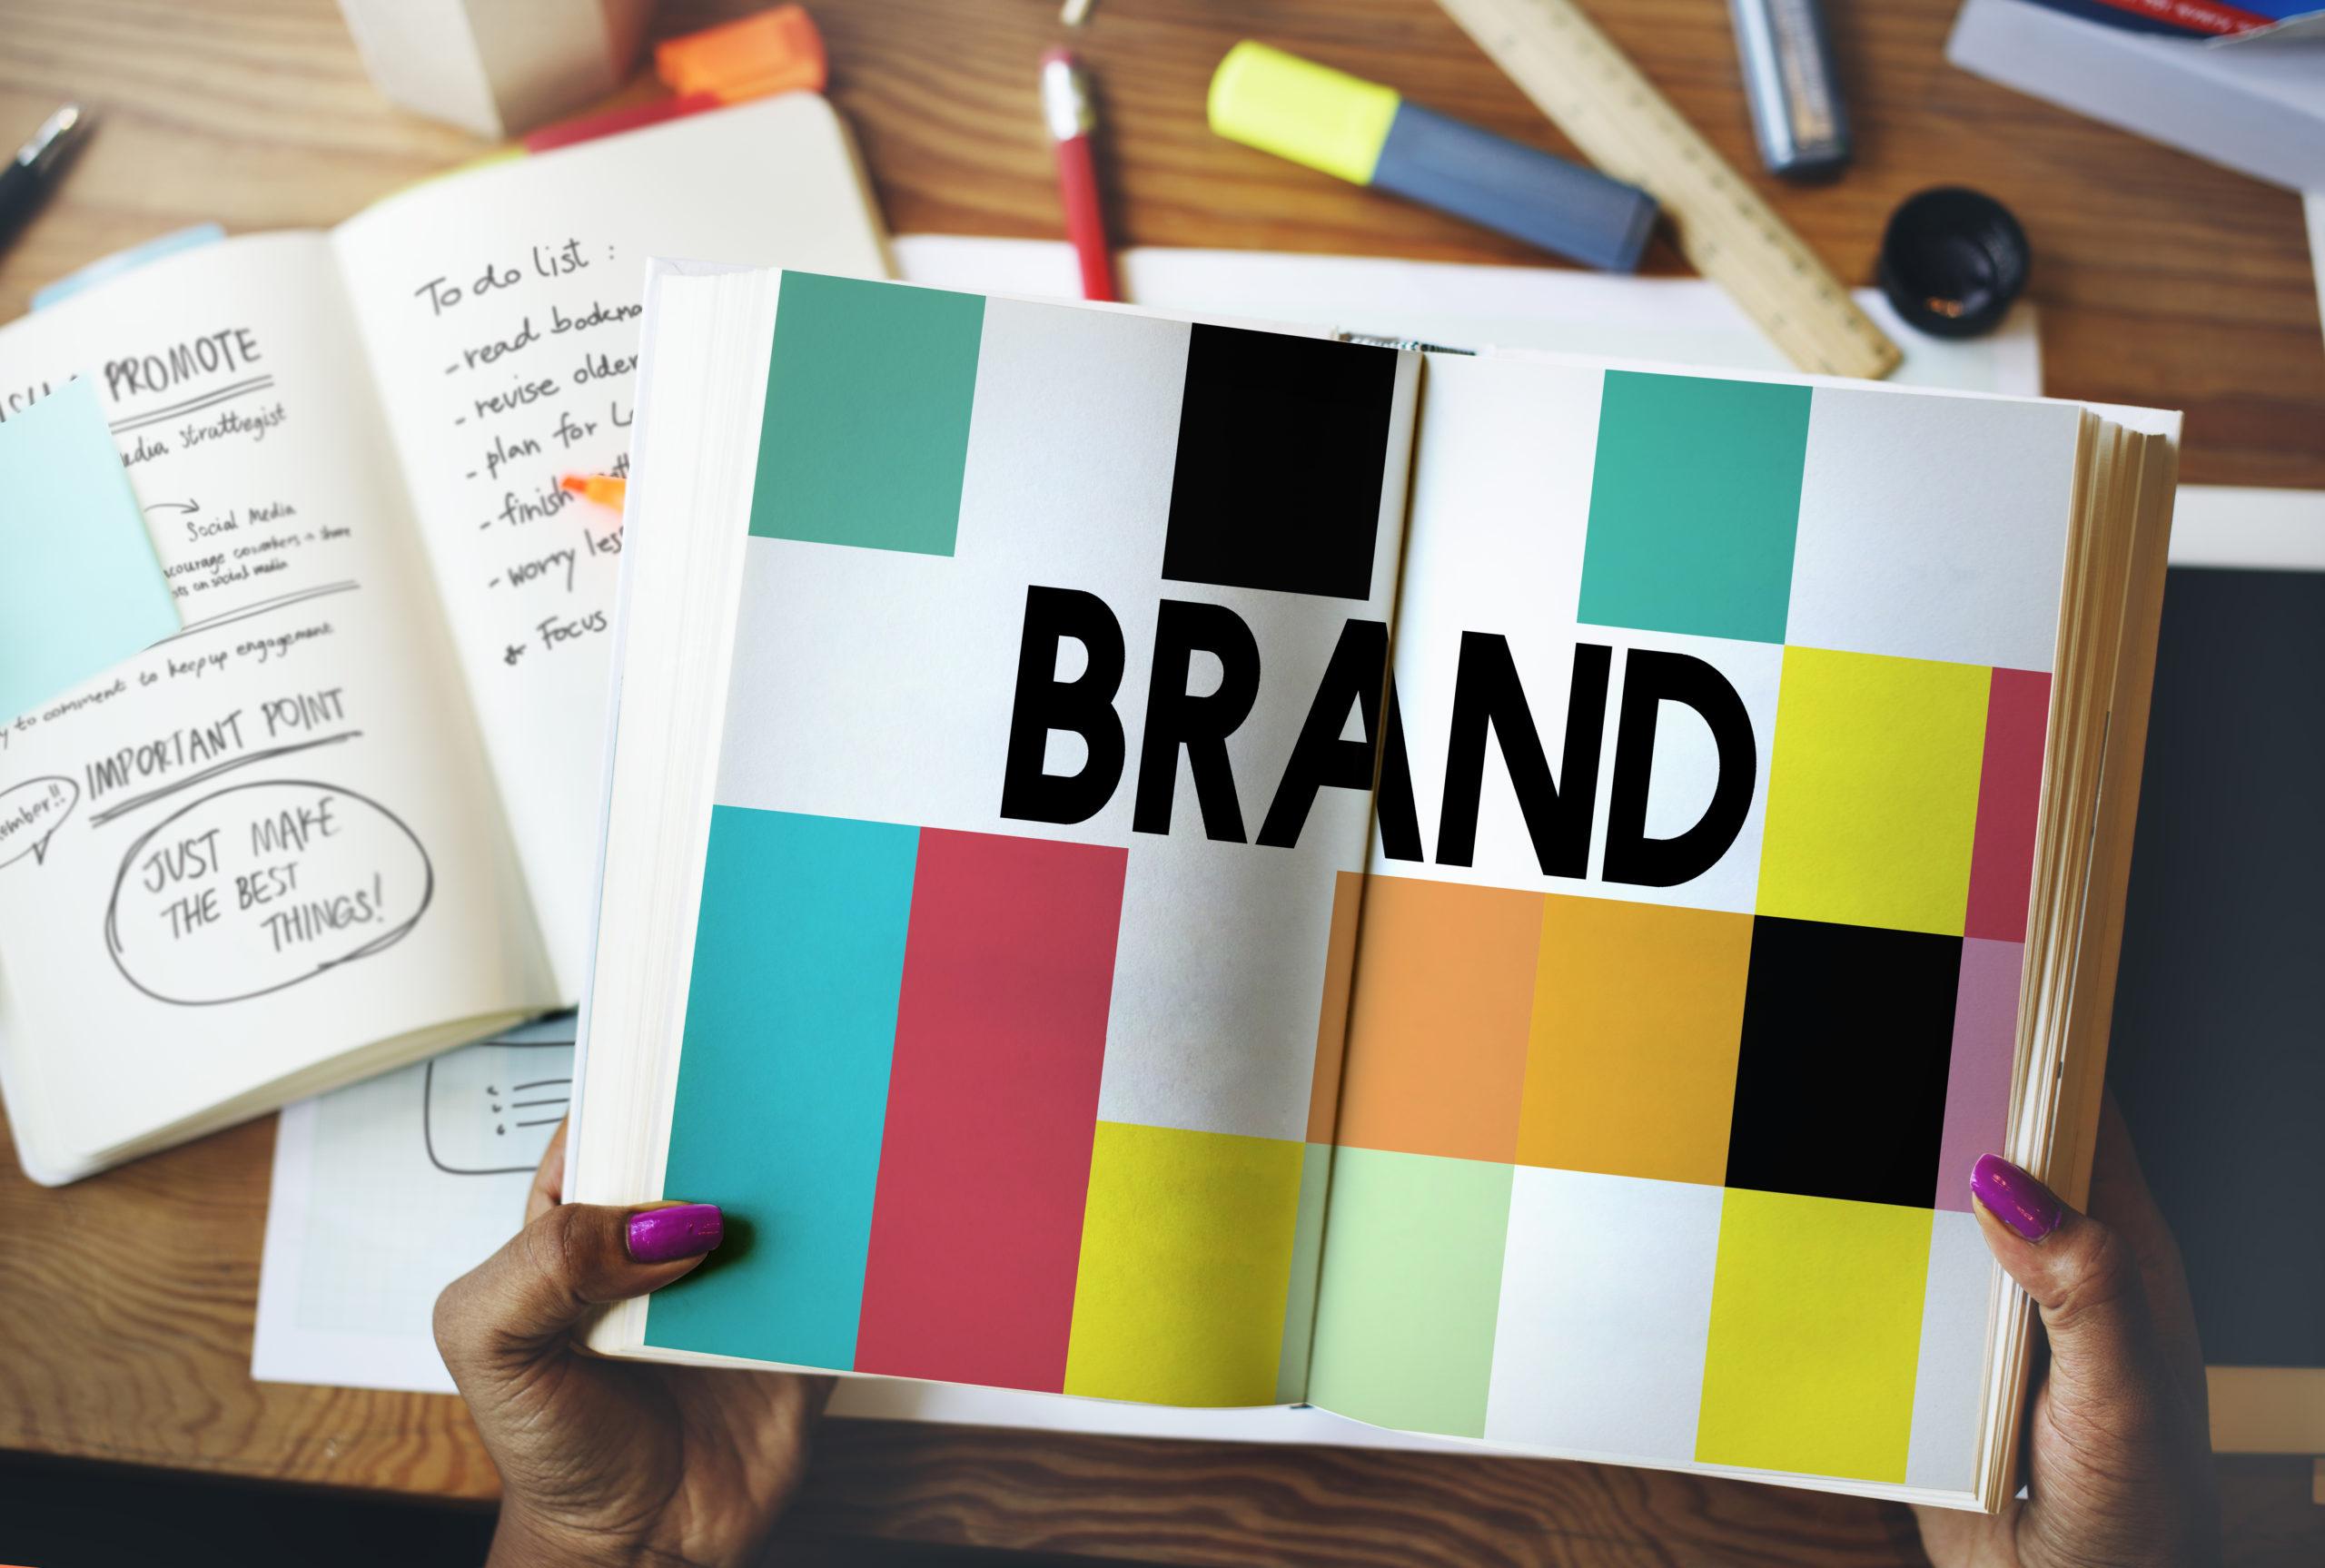 아마존 브랜드 등록, 브랜드 레지스트리(amazon brand registry) 알아보기